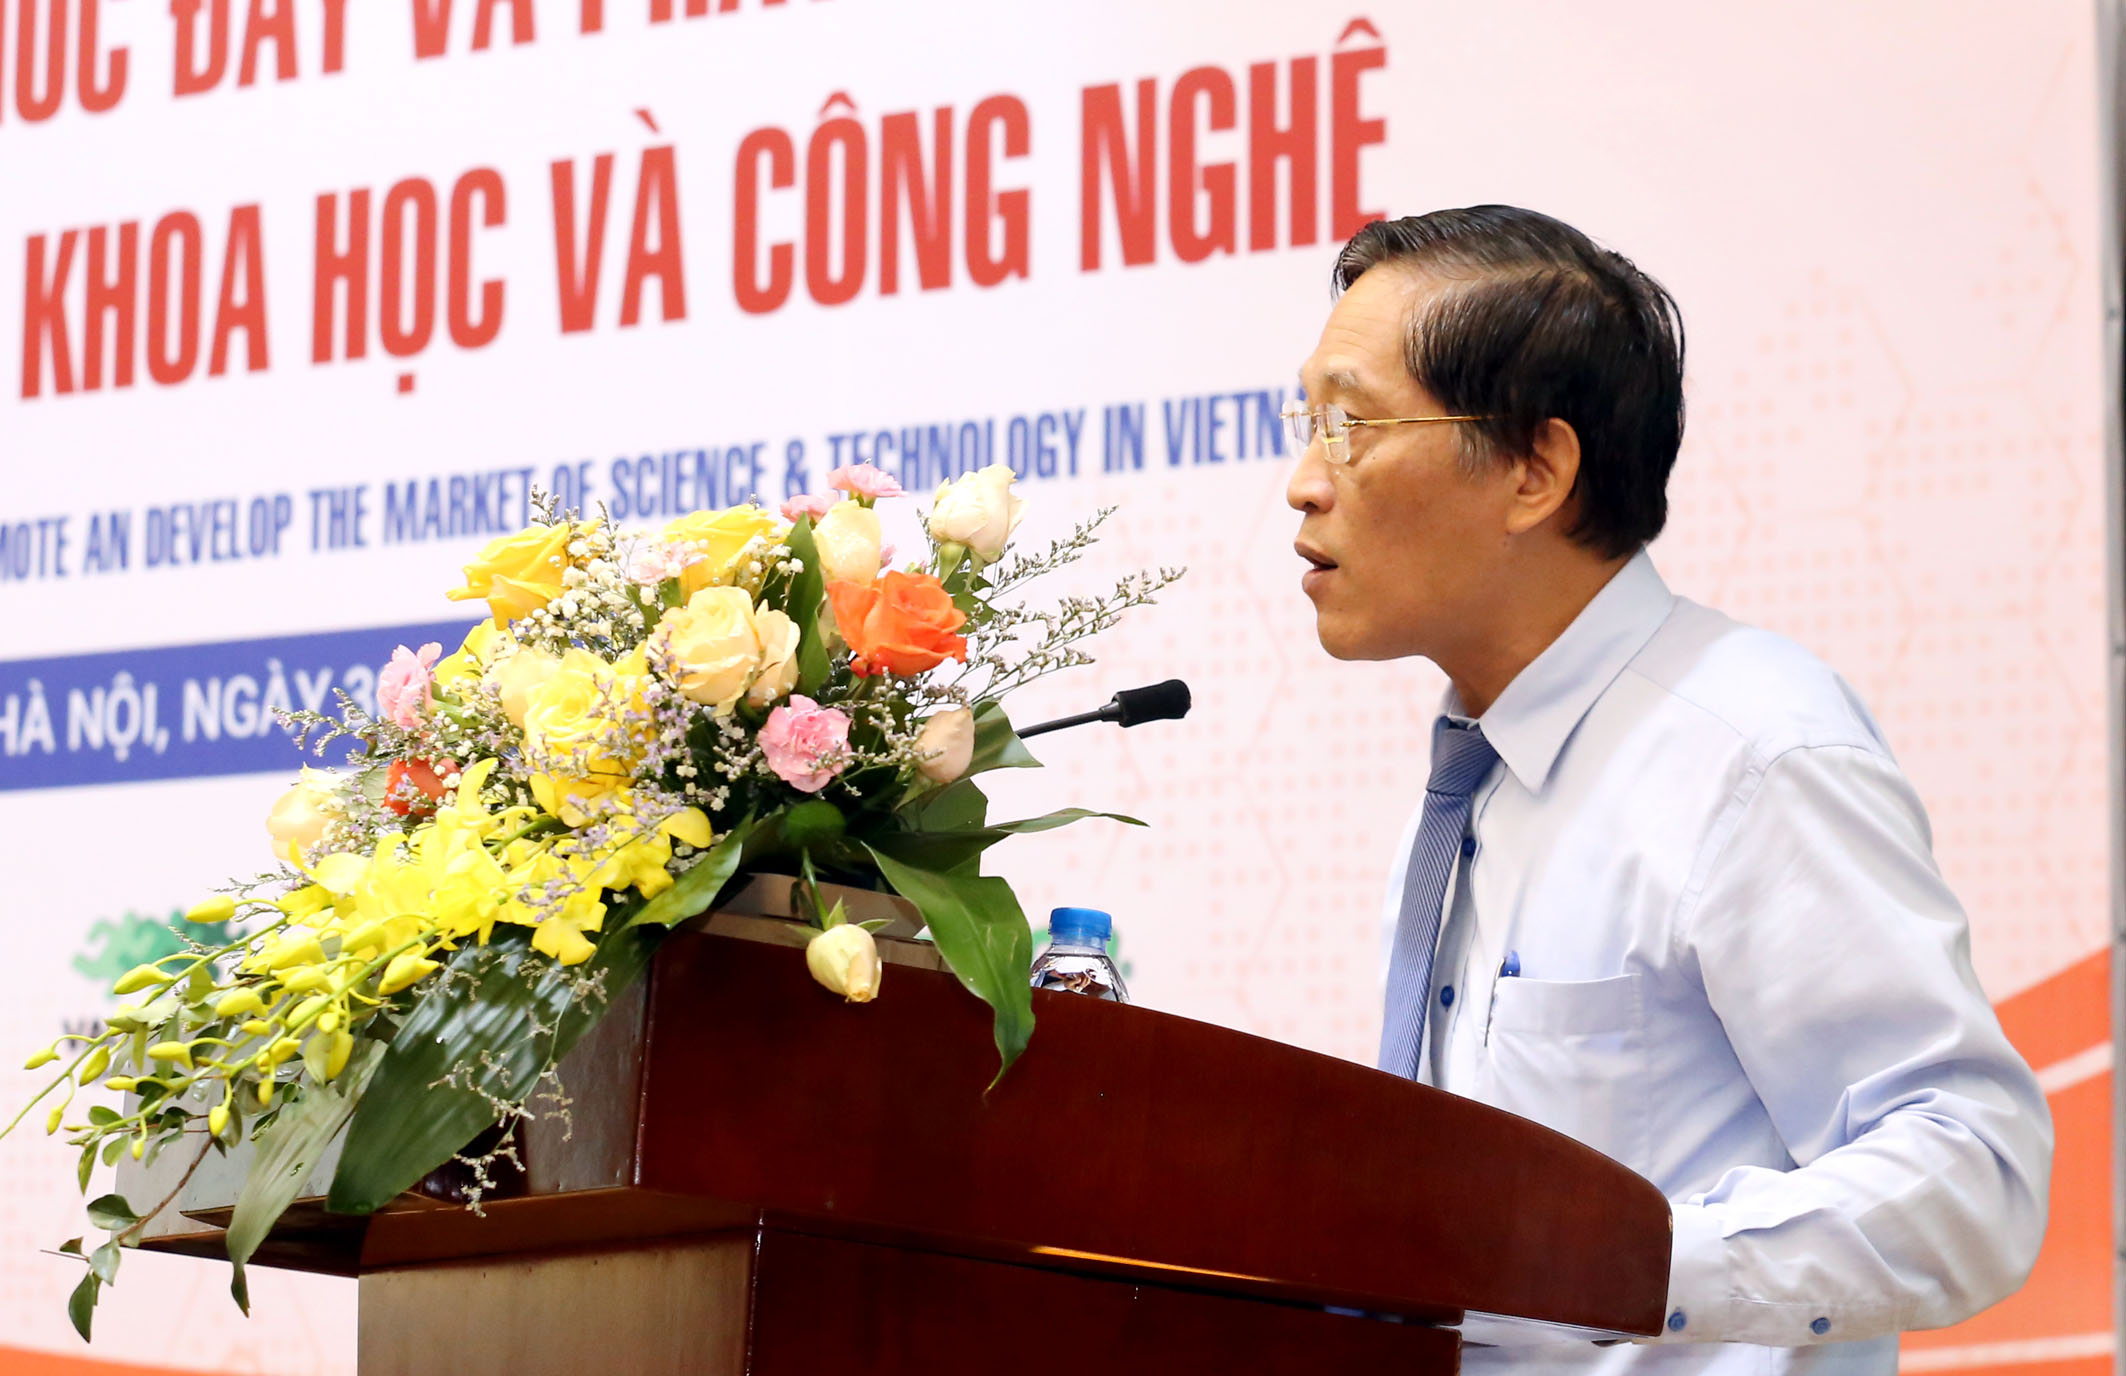 Thứ trưởng Trần Văn Tùng phát biểu tại hội thảo.